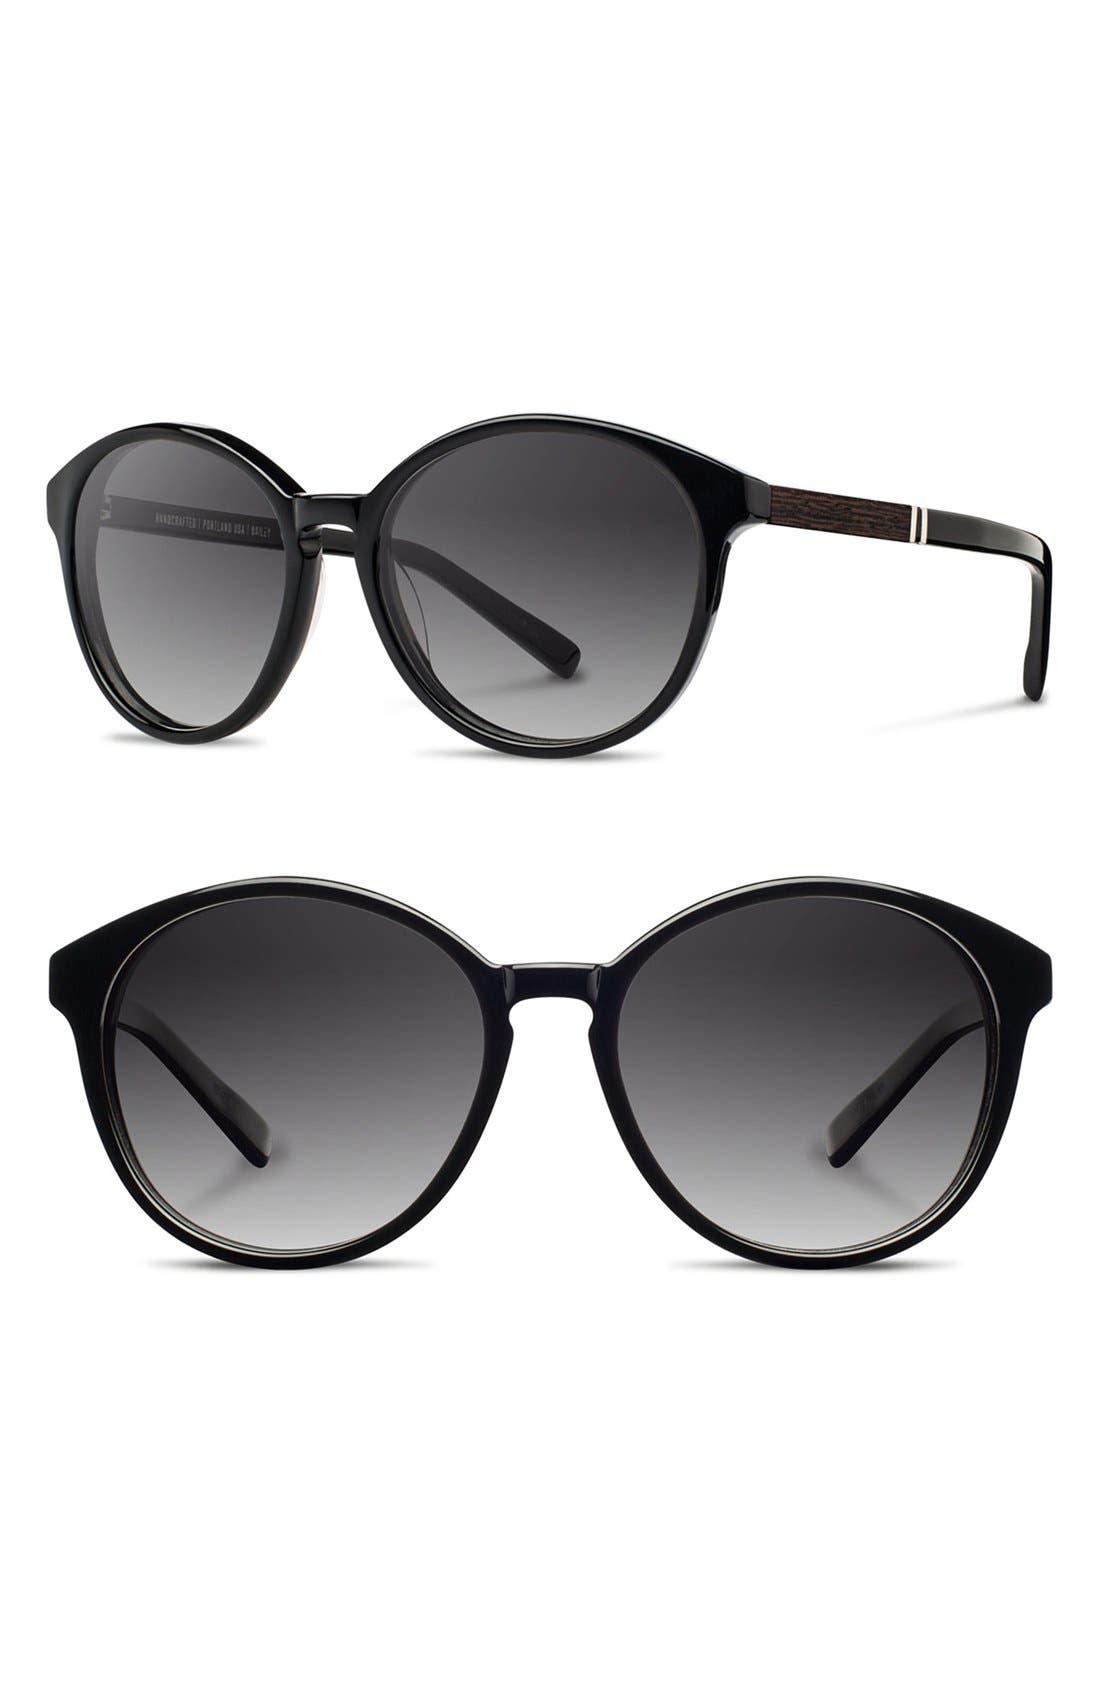 Shwood 'Bailey' 53mm Polarized Sunglasses